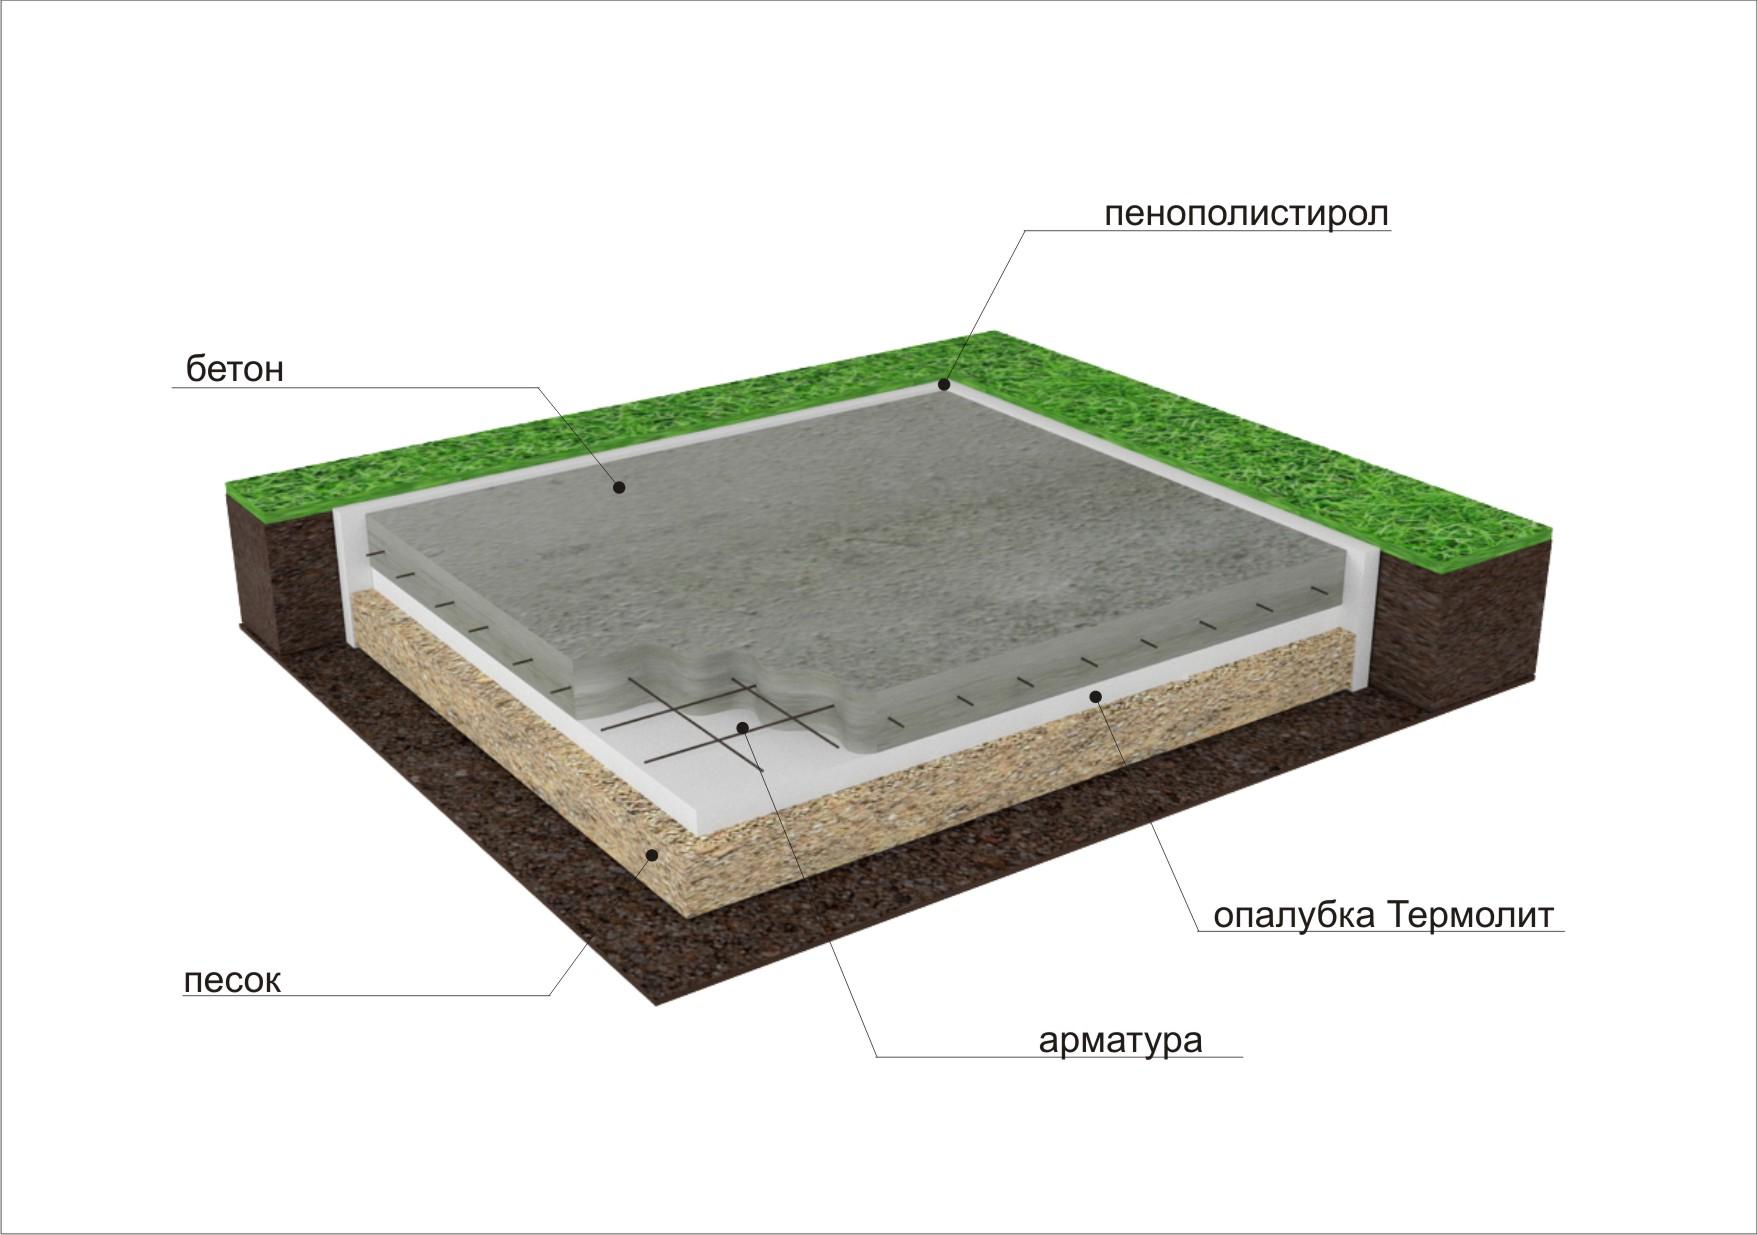 Монолитная плита используется в том случае, когда под домом не планируется подвальное помещение либо строительство будет вестись на насыщенных влагой грунтах